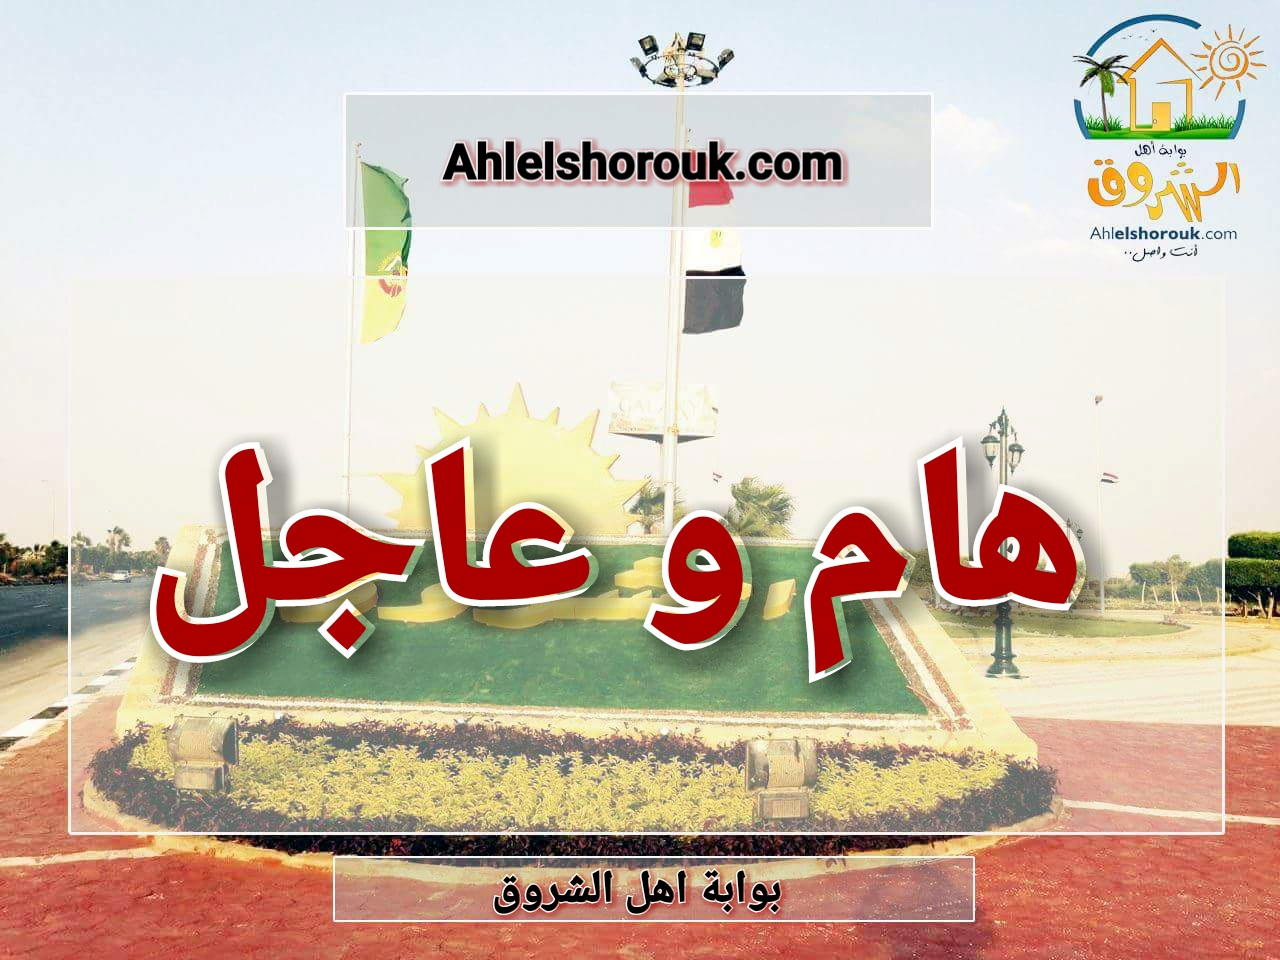 هام و عاجل ... غلق بوابة مدينة الشروق